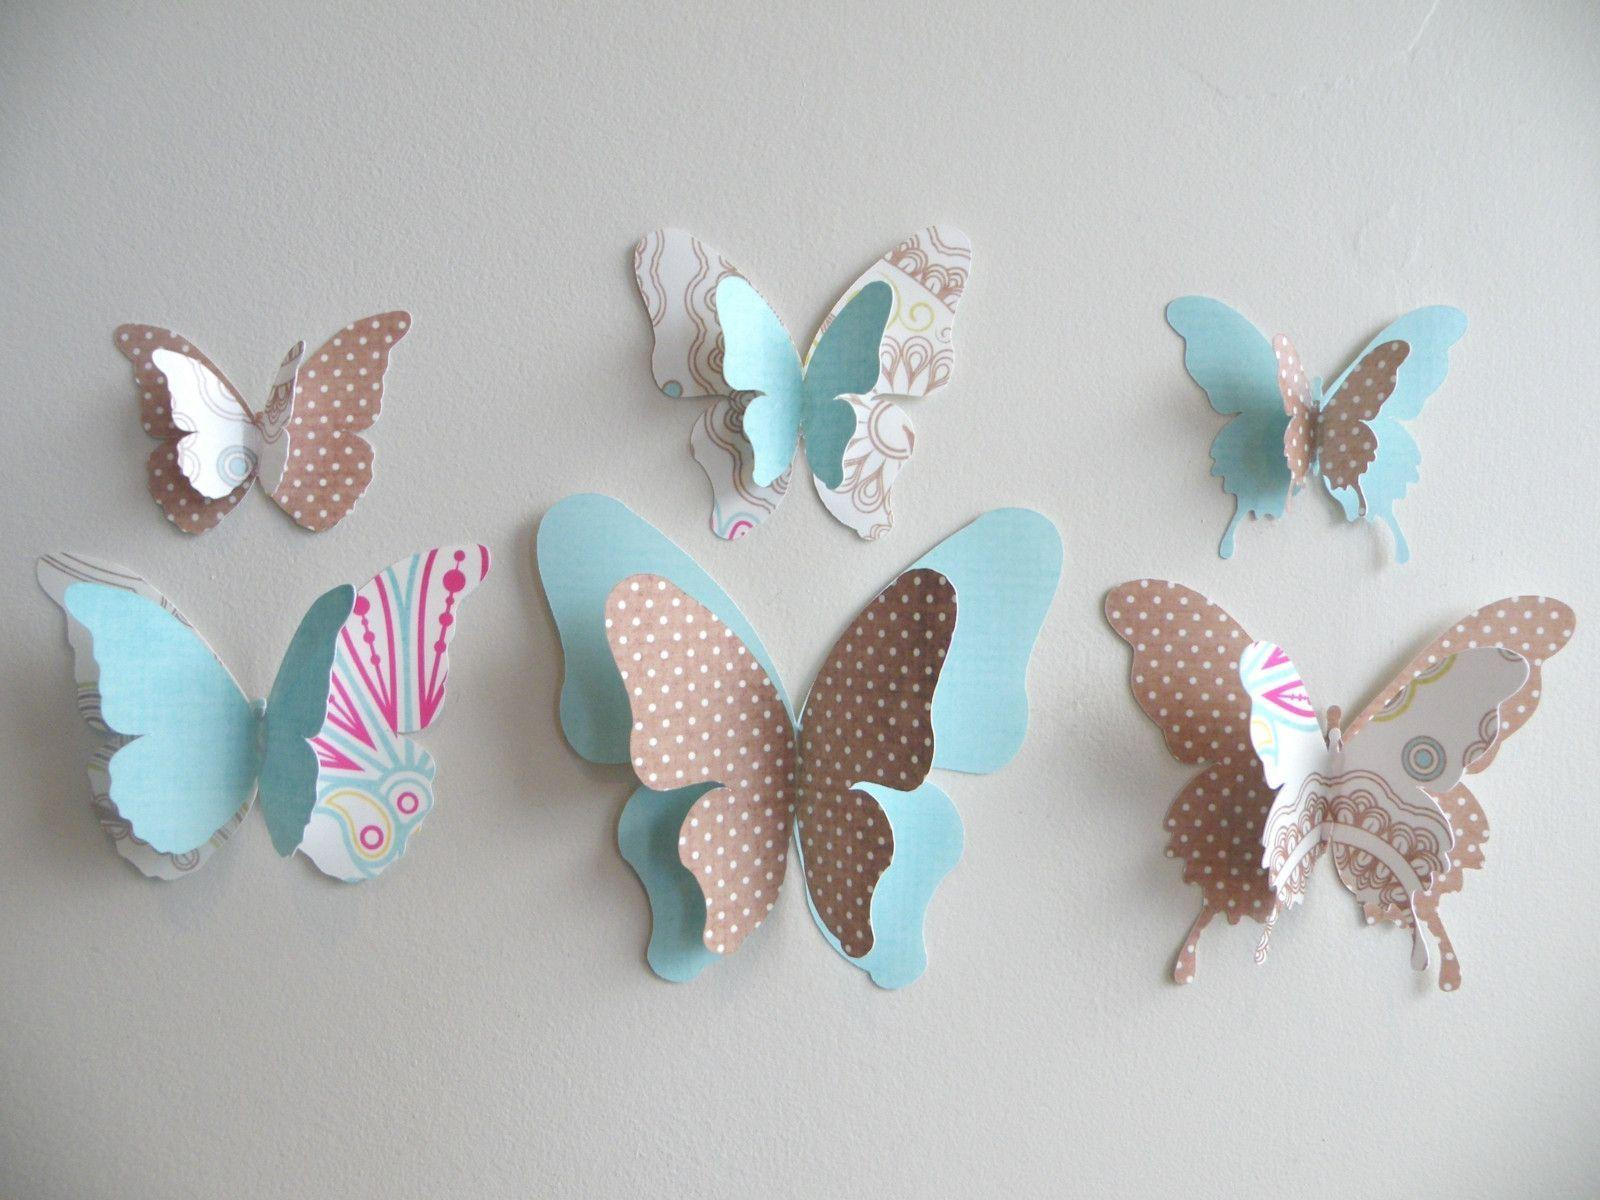 Butterfly 3d Wall Decor Wallpaper - Make 3d Butterfly Wall Decor , HD Wallpaper & Backgrounds